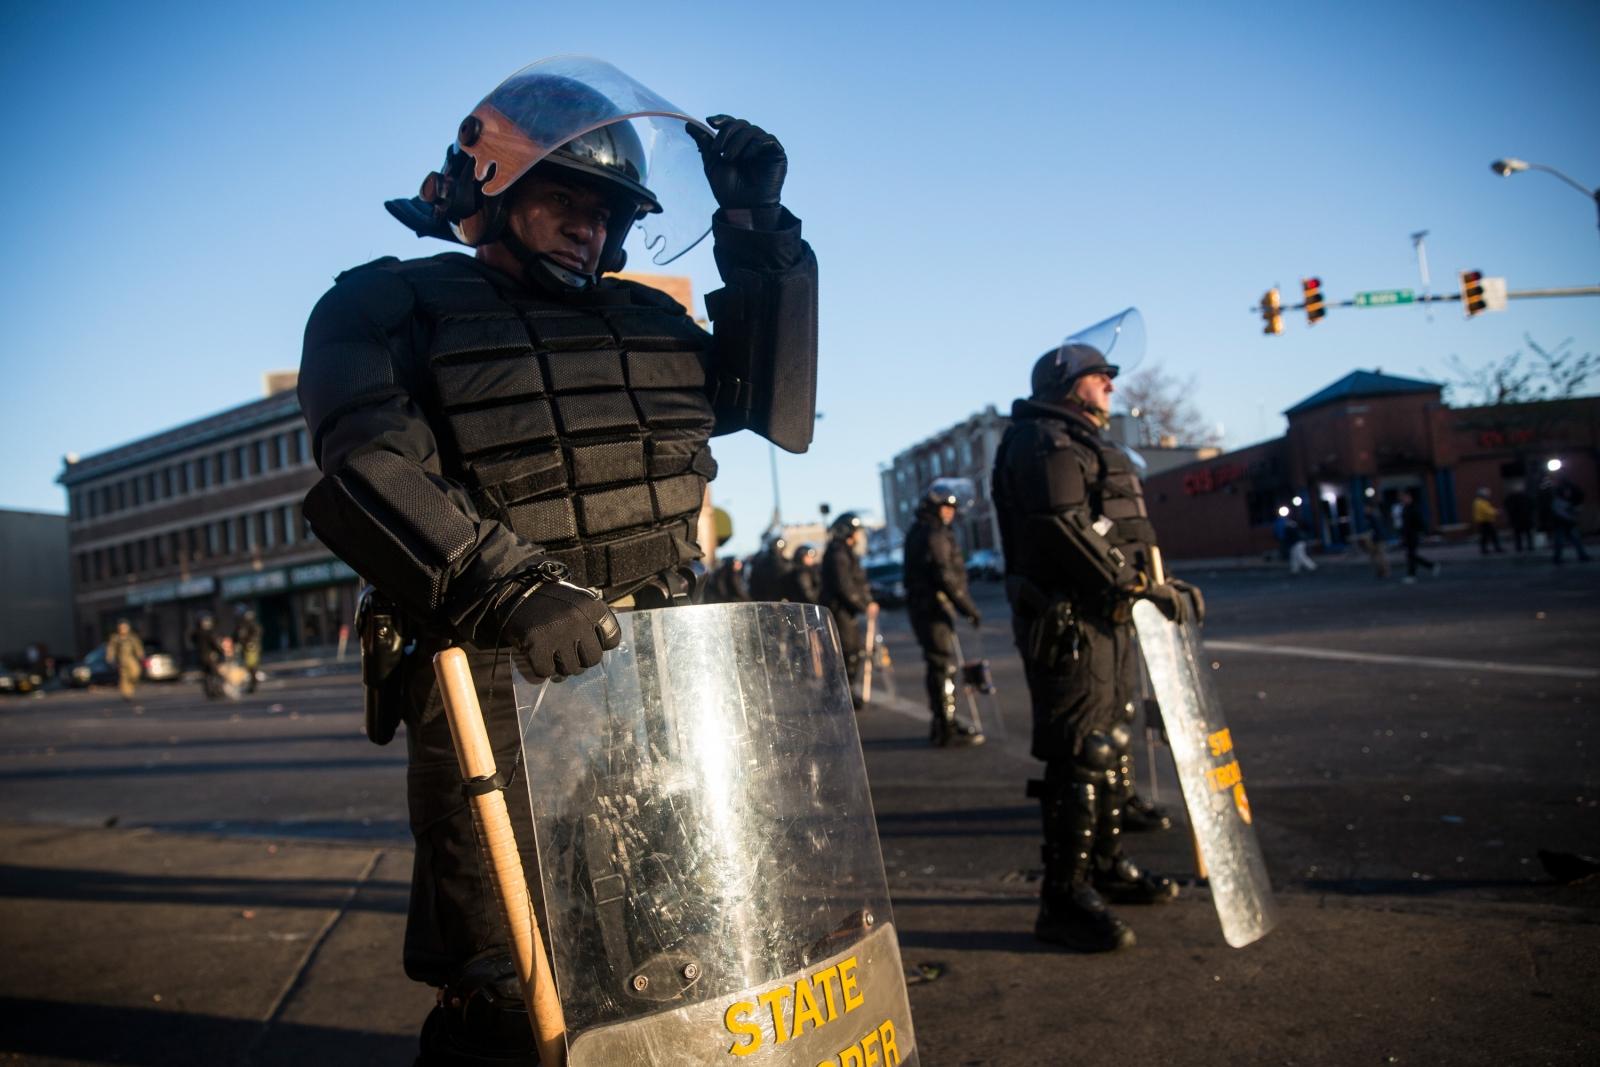 Riotr police Baltimore